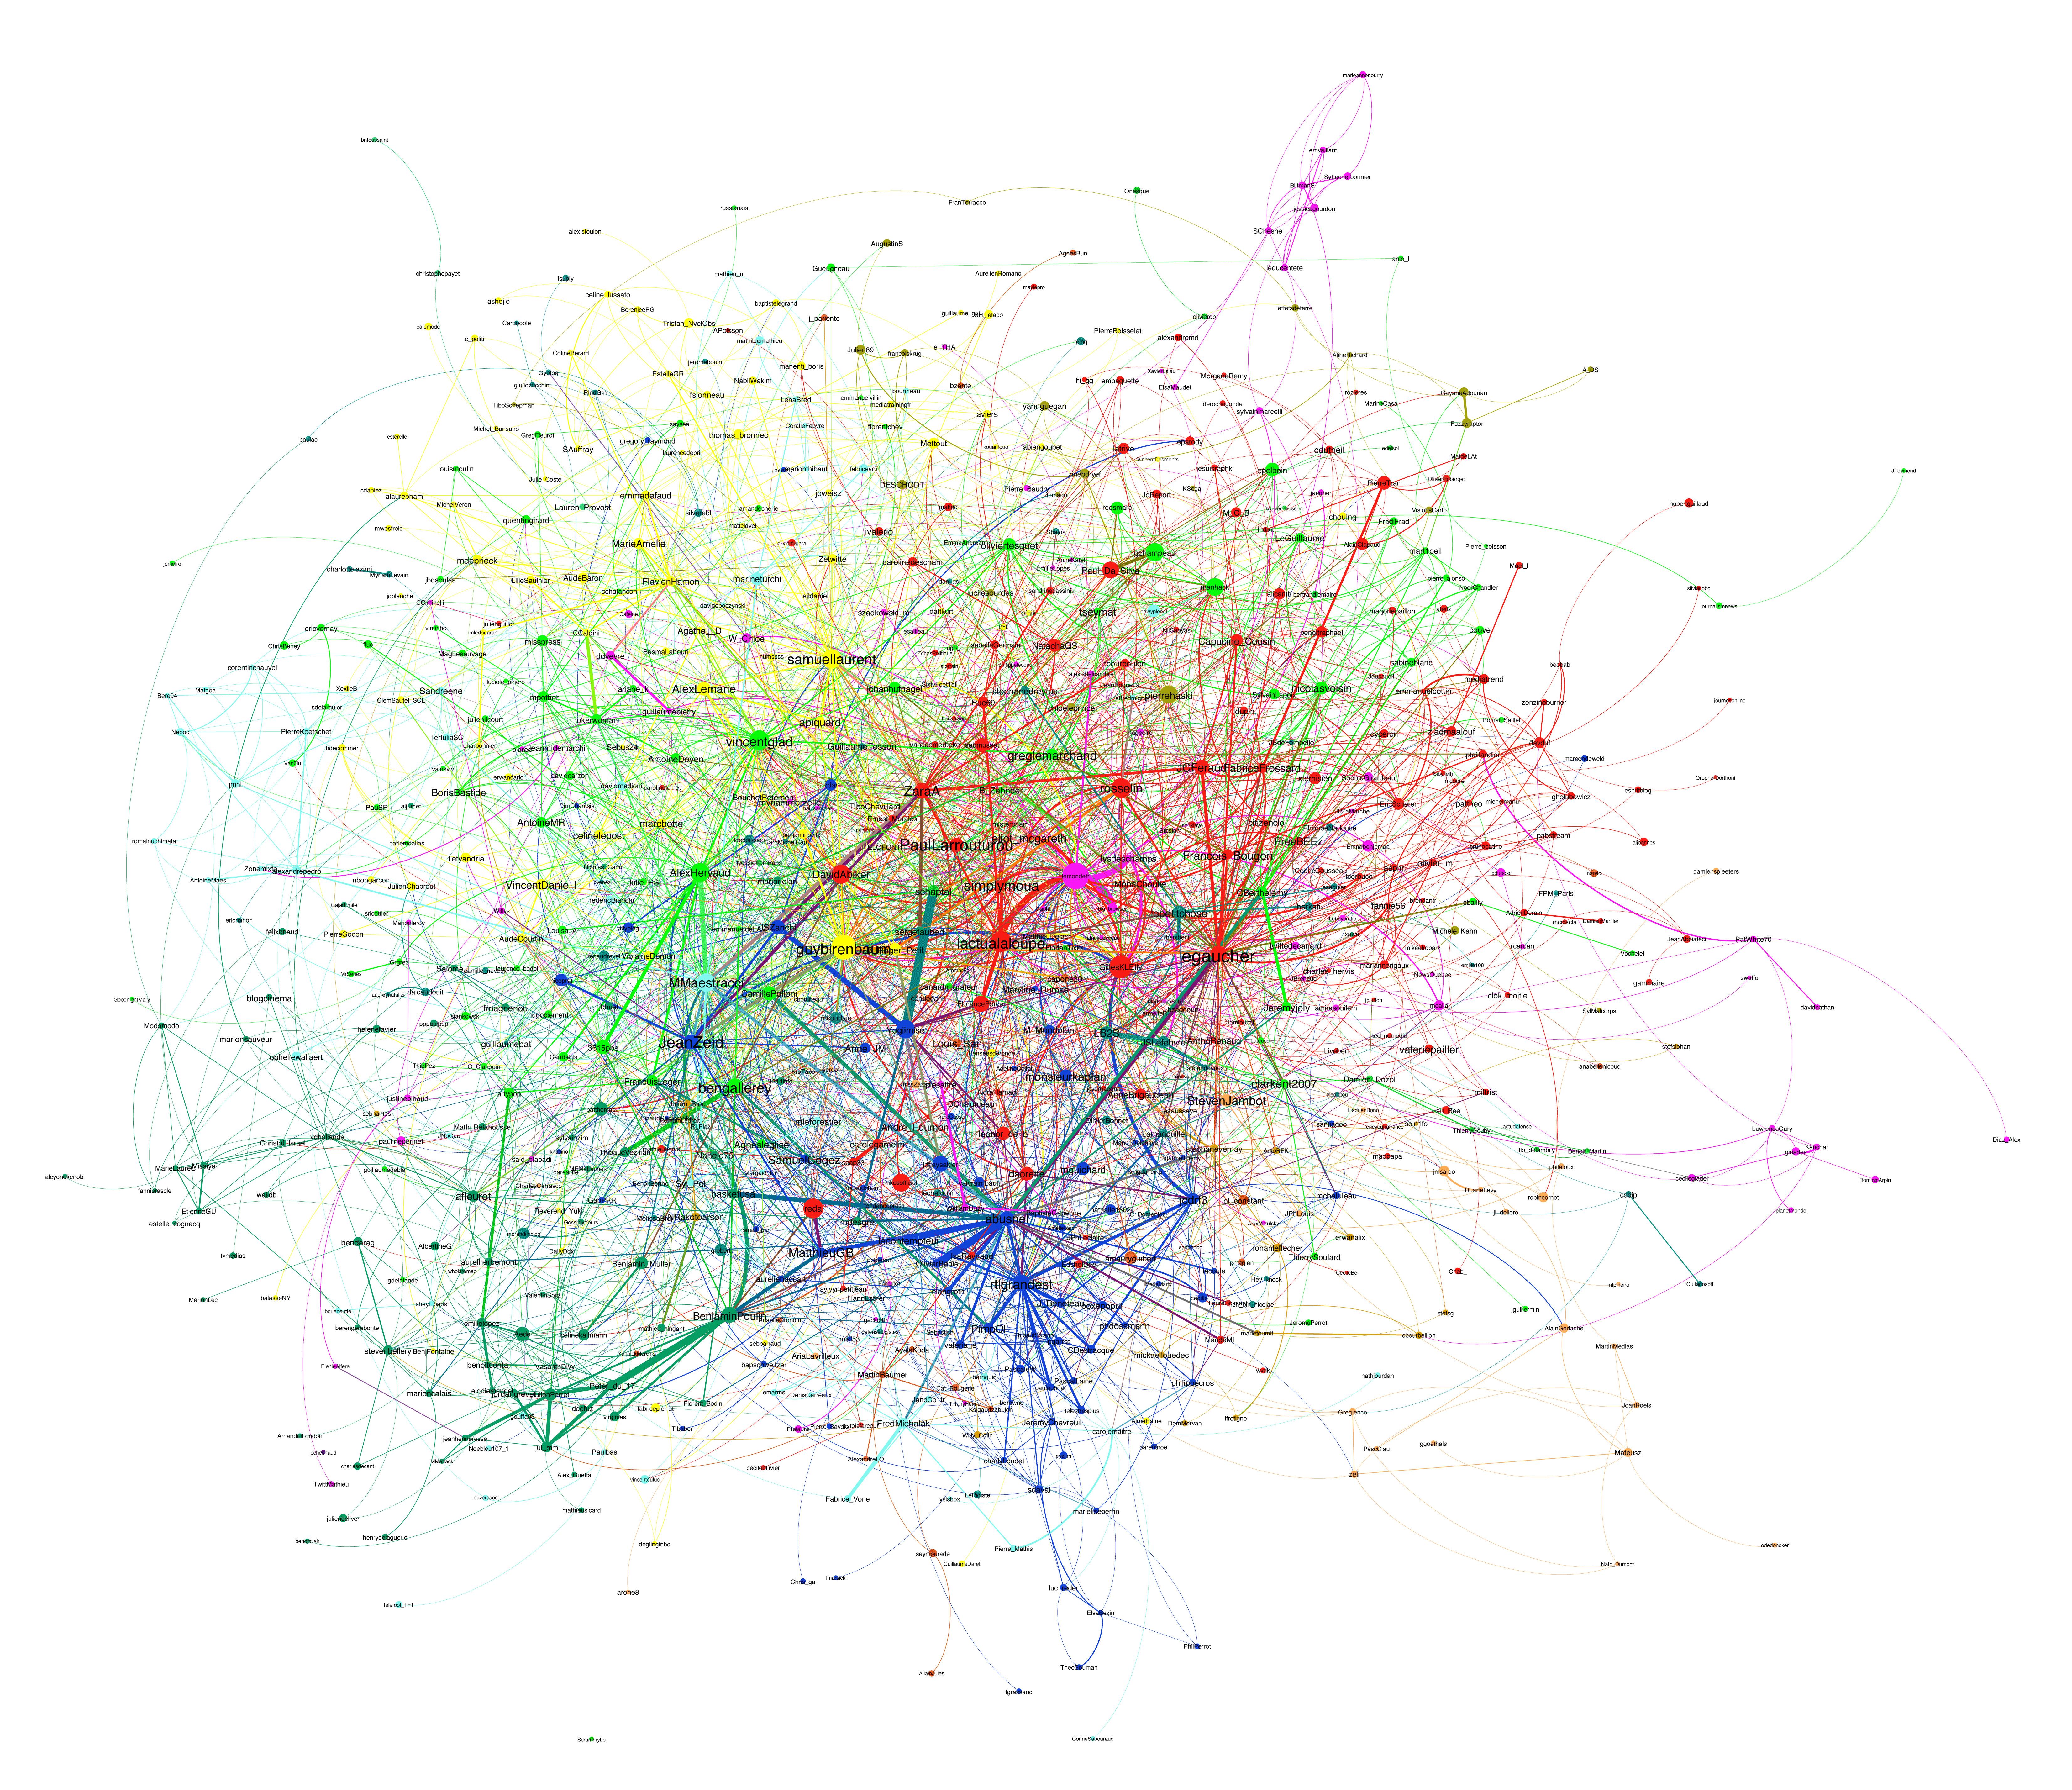 Les journalistes français sur Twitter vus comme un graphe